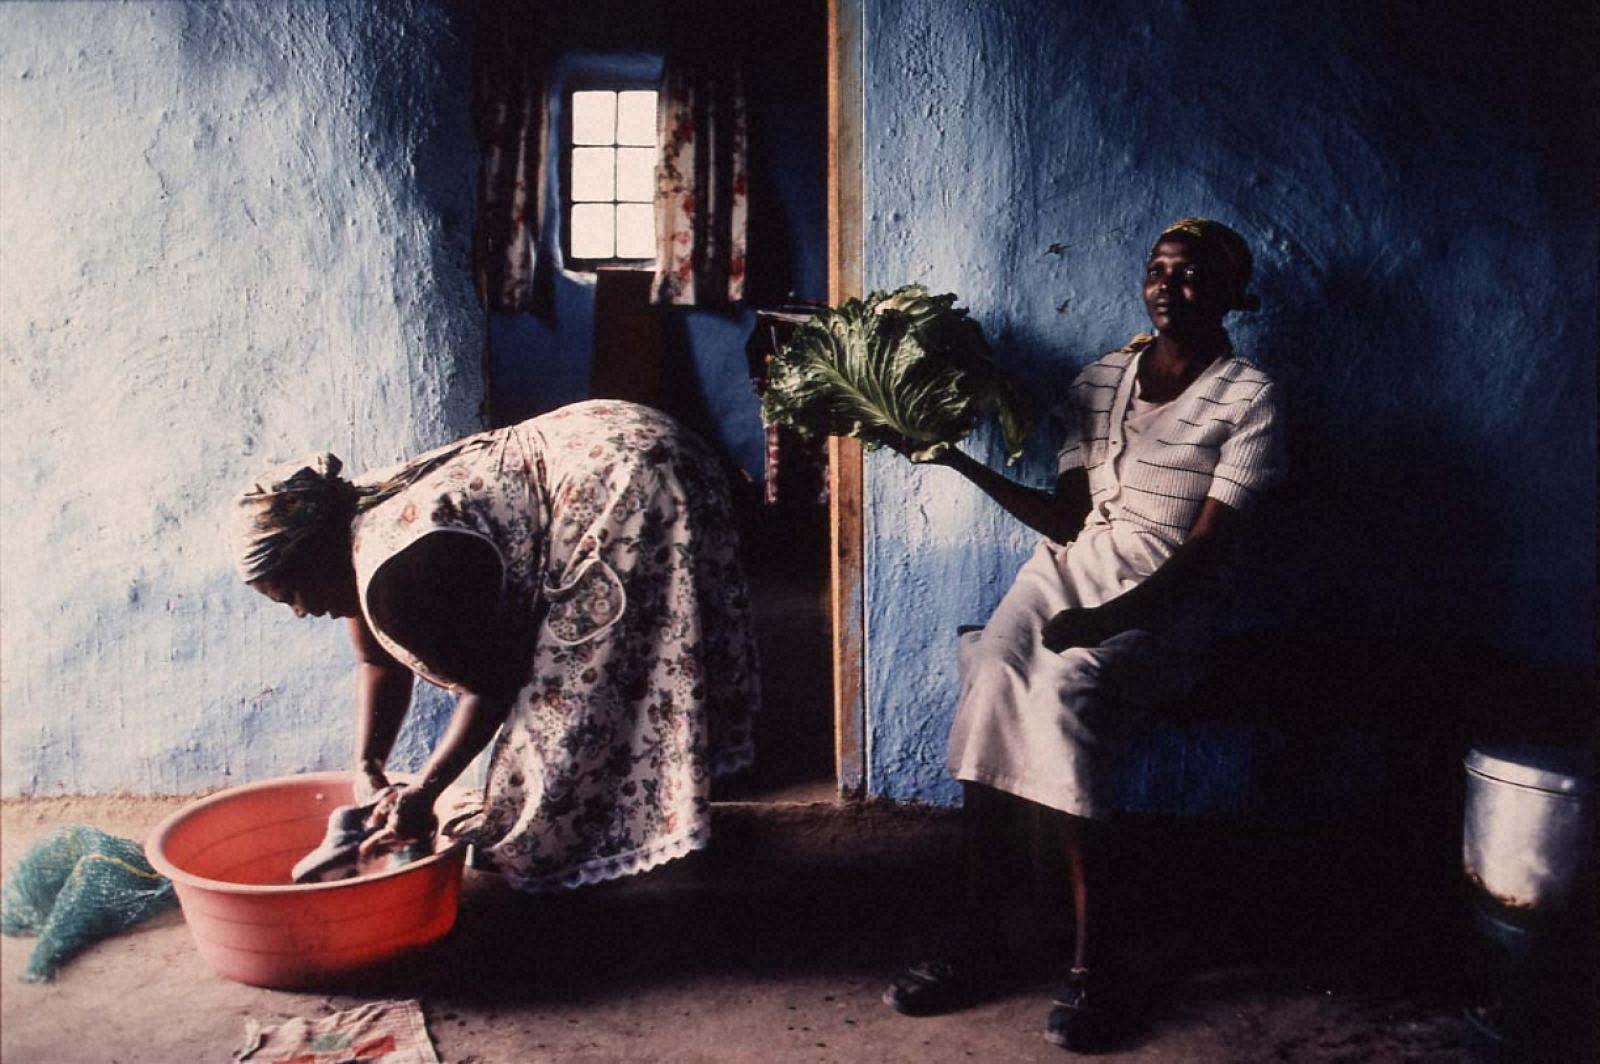 戦場から人間へ―長倉洋海18年の軌跡 キャベツを持つ女と洗濯する女